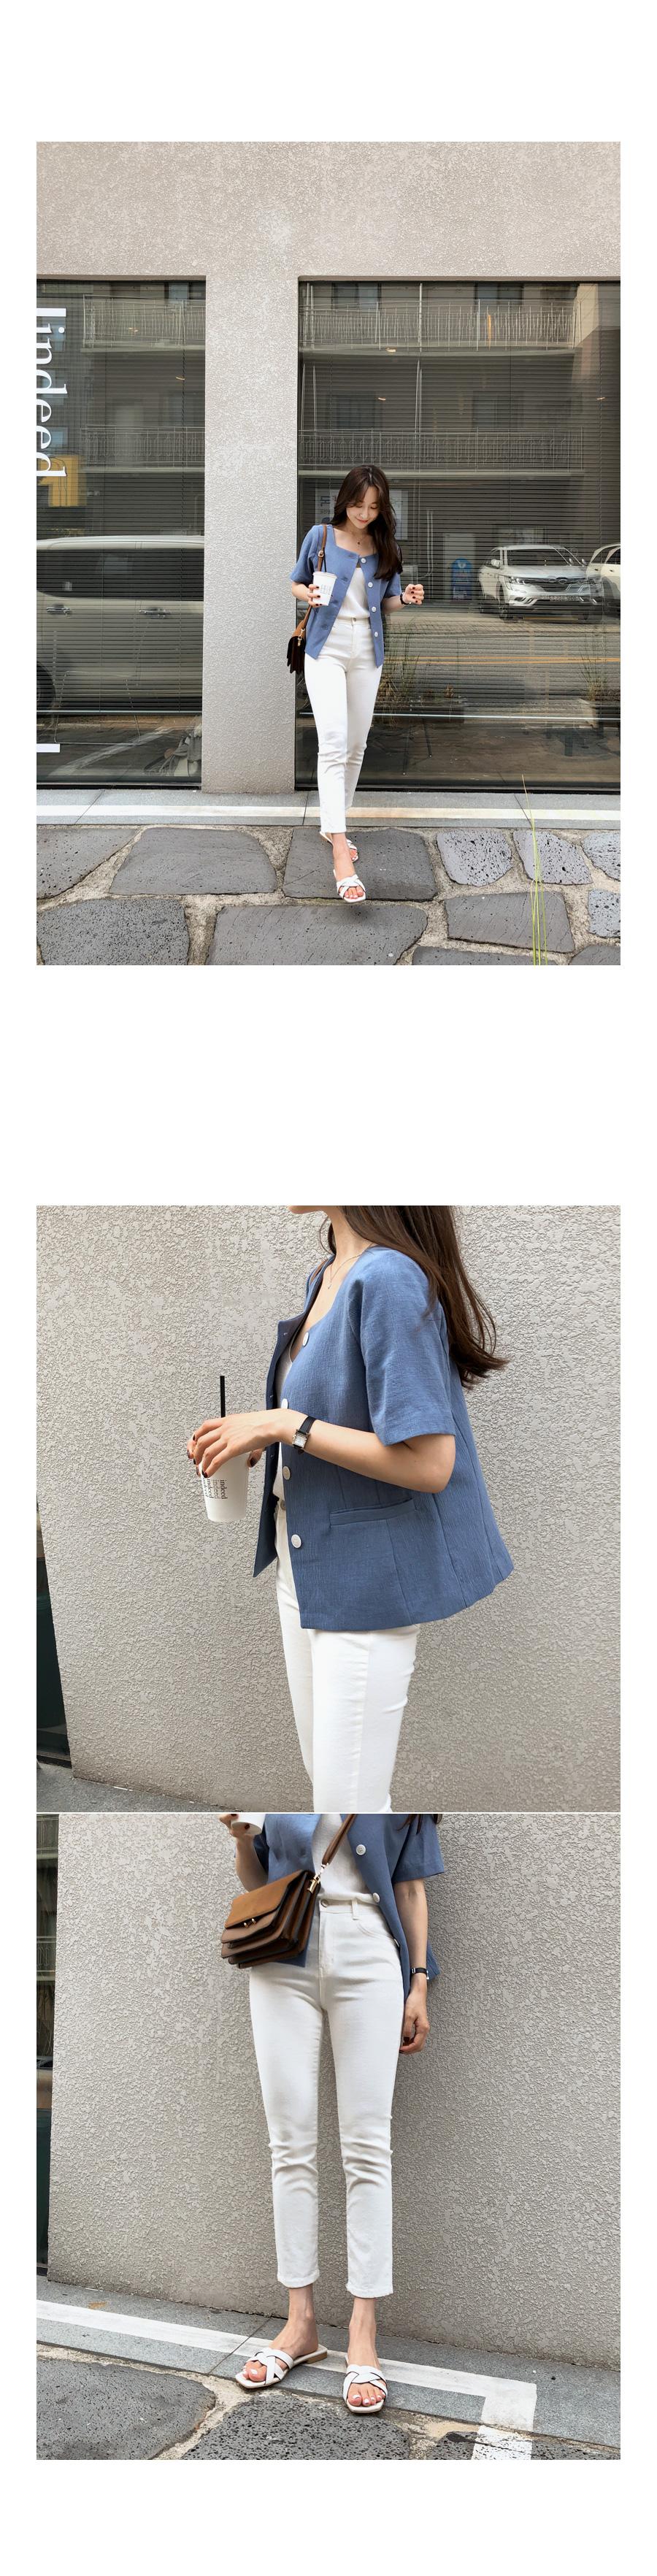 Nokara square jk blue